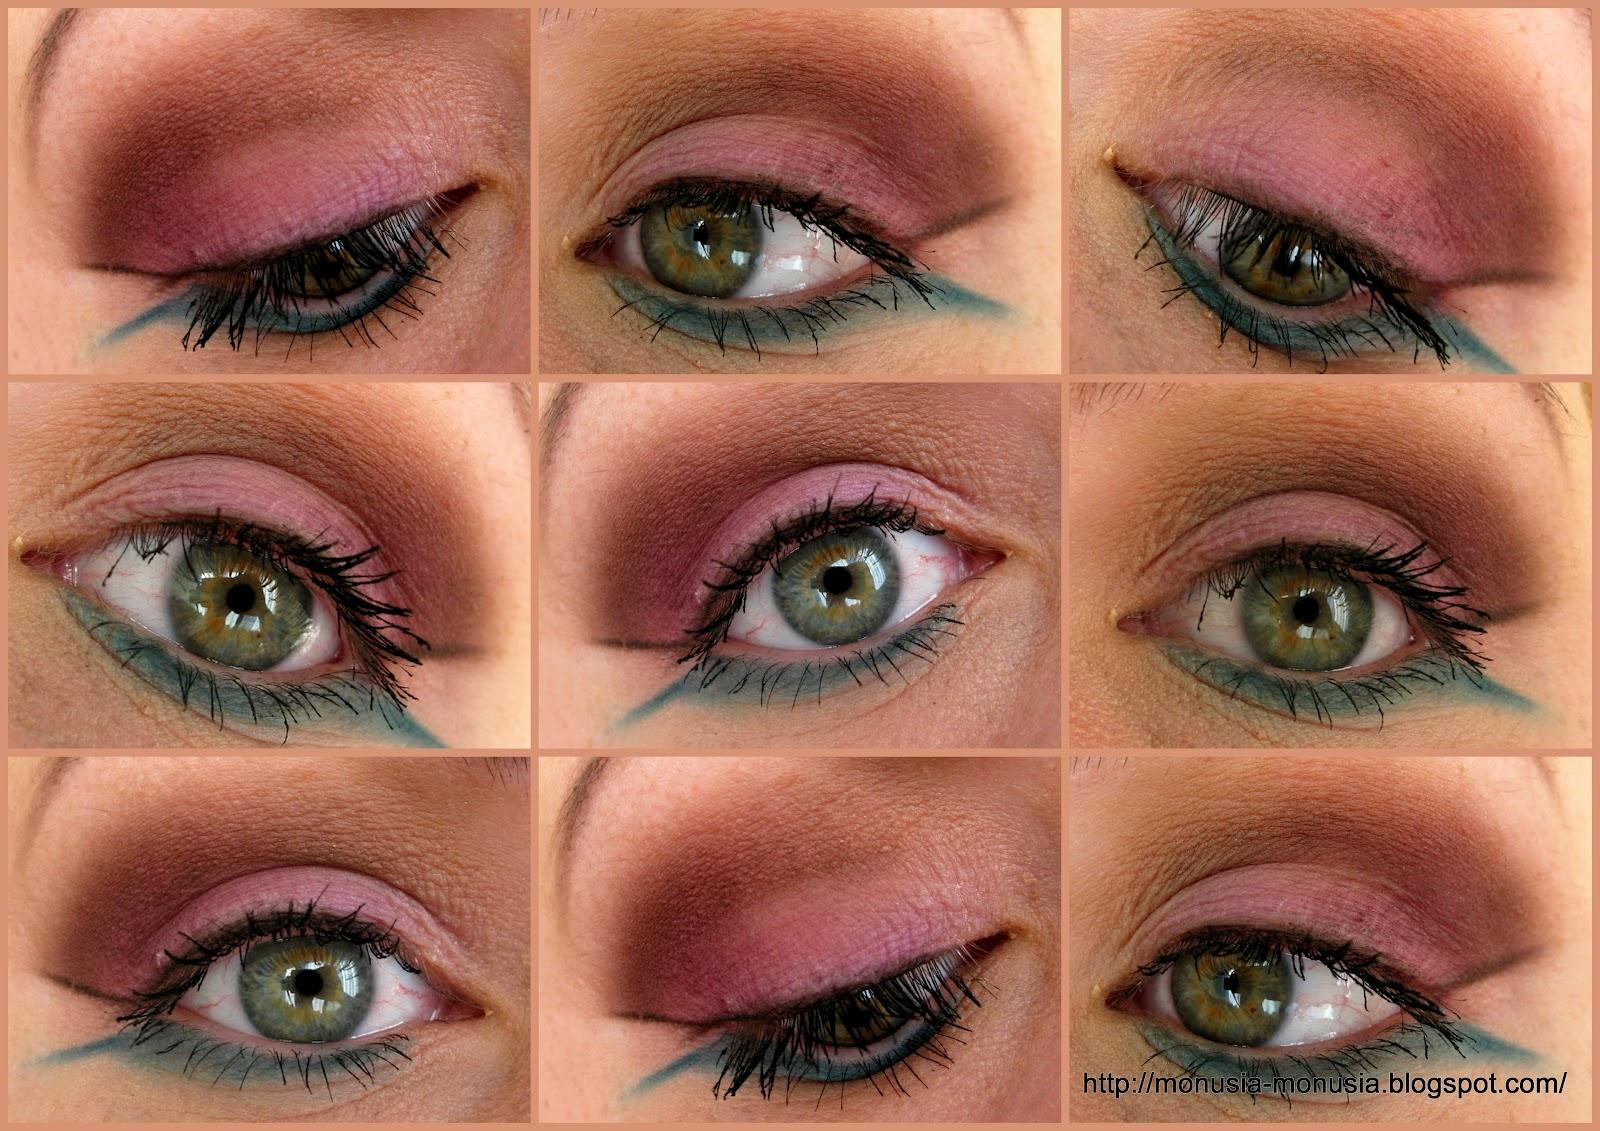 http://1.bp.blogspot.com/-rYid1x75GaM/T7_ZXoTNnoI/AAAAAAAABlw/XOTqMnHvIB4/s1600/Sleek+Ultra+Mattes+V2+Darks+makija%25C5%25BC.jpg